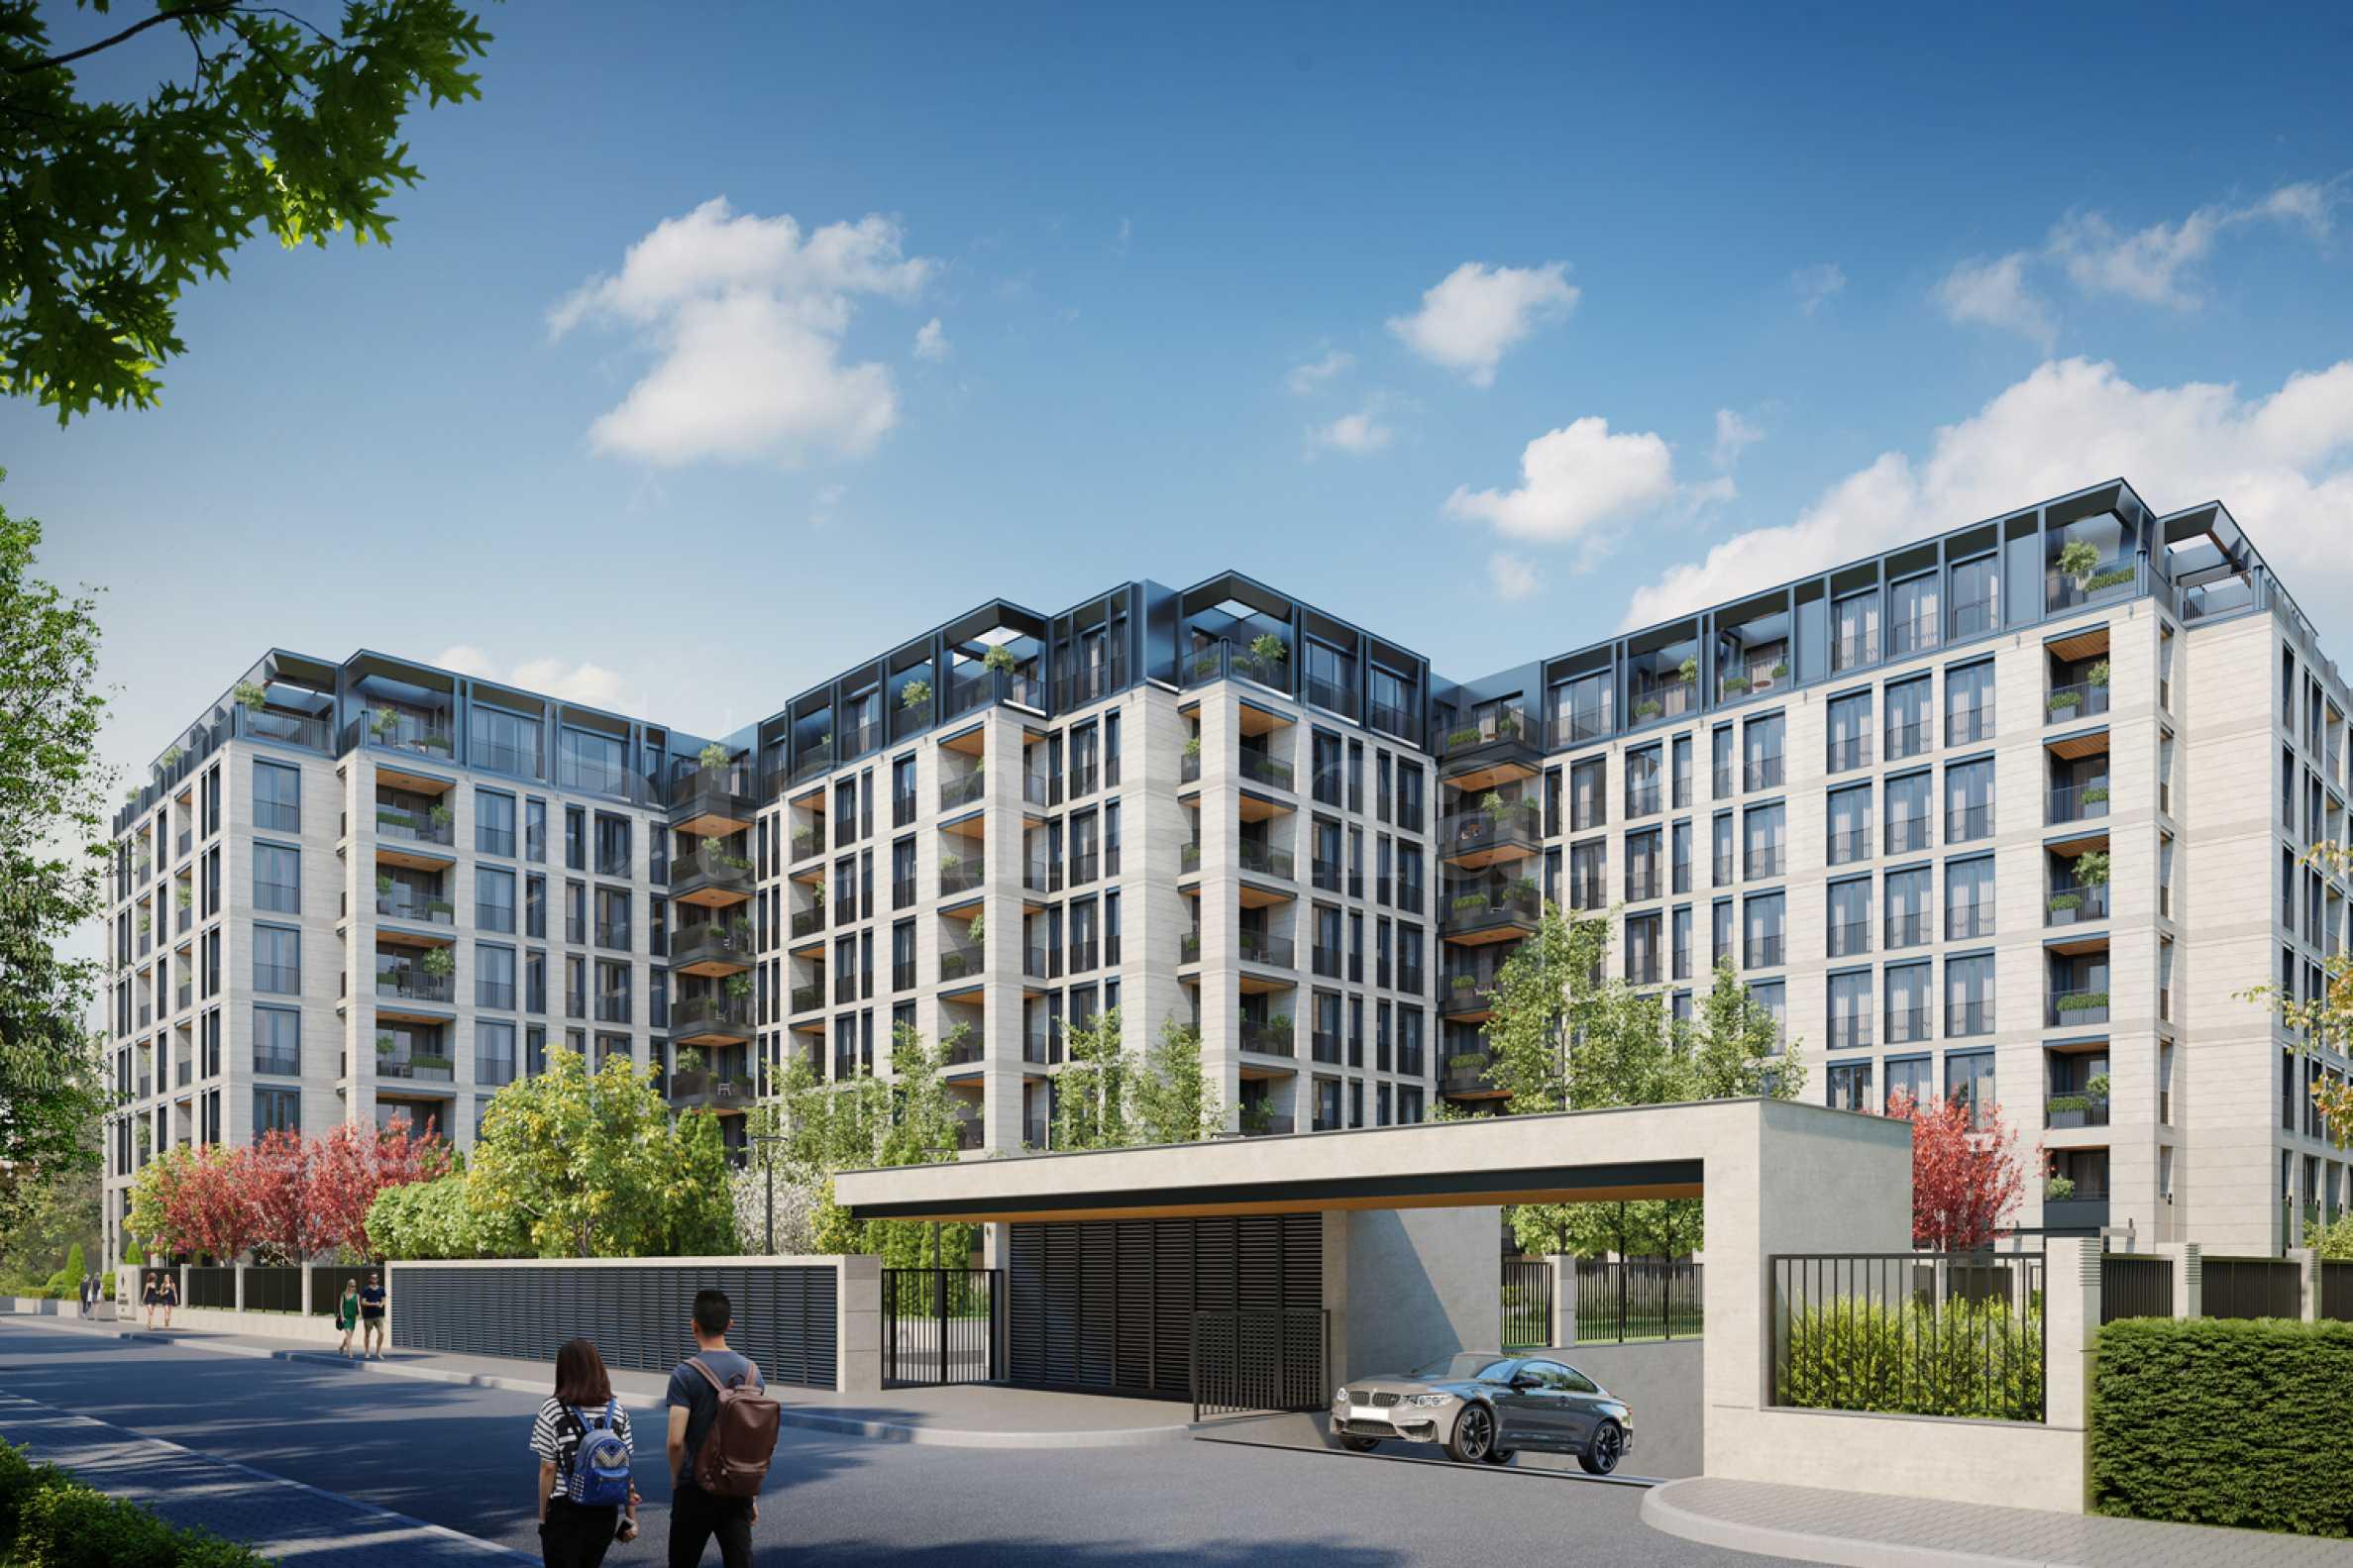 Луксозен, жилищен комплекс за продажба с прекрасни градини и панорамни гледки в кв.Лозенец1 - Stonehard